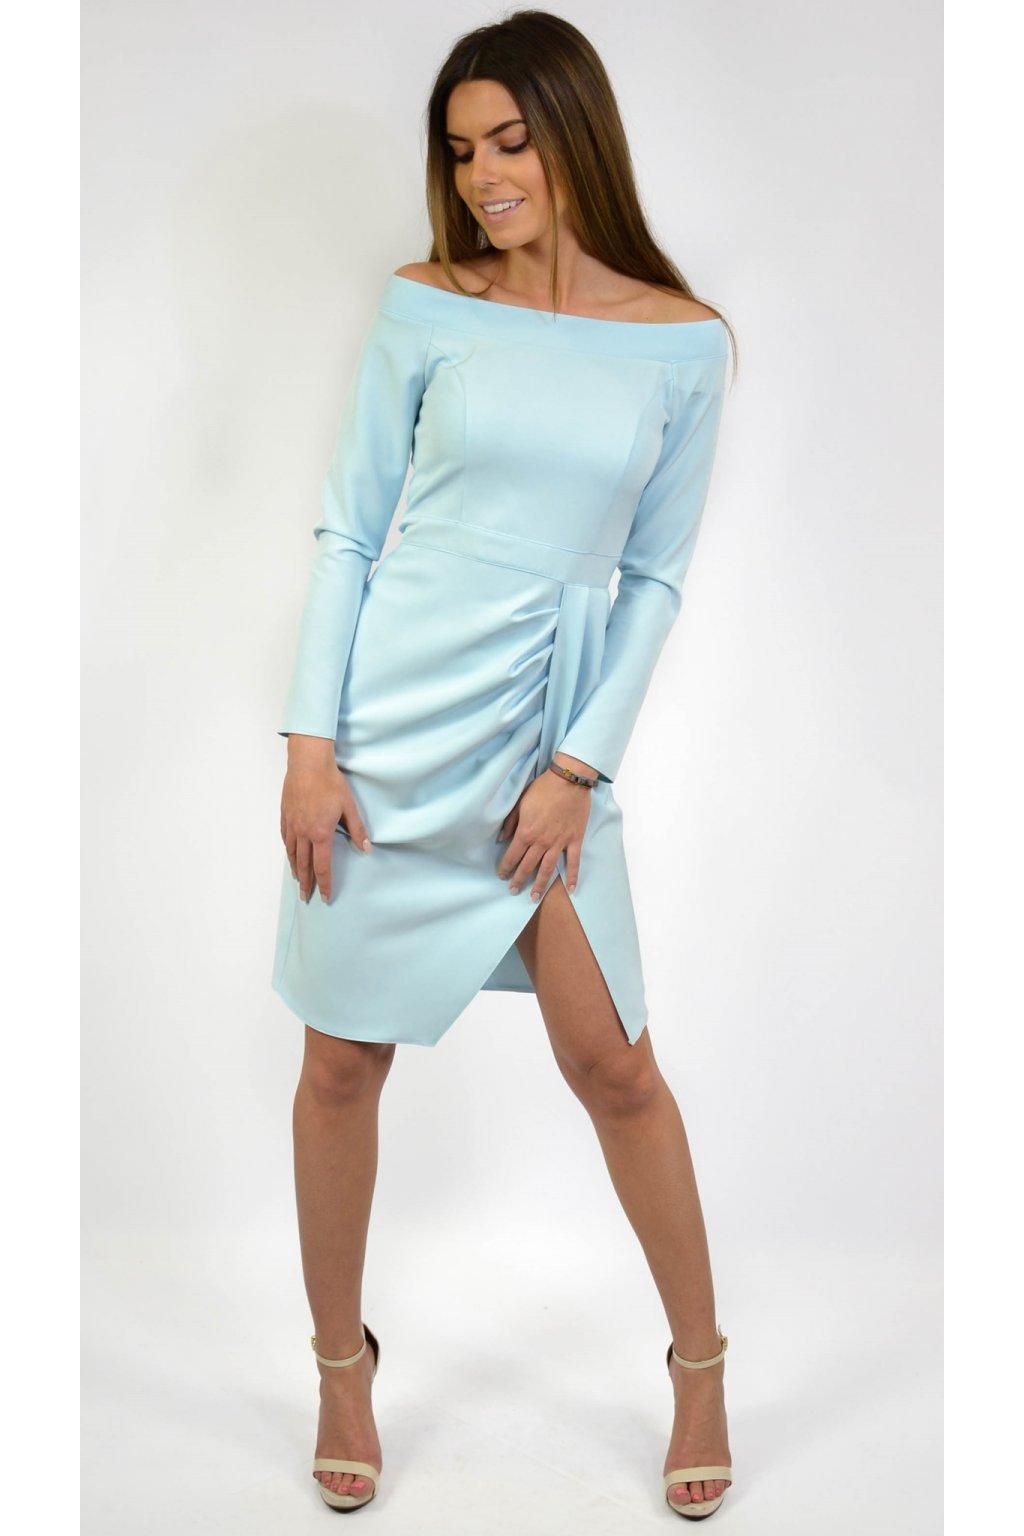 9f17cb647151 Elegantné koktejlové šaty 6975 modré - Tentation.sk